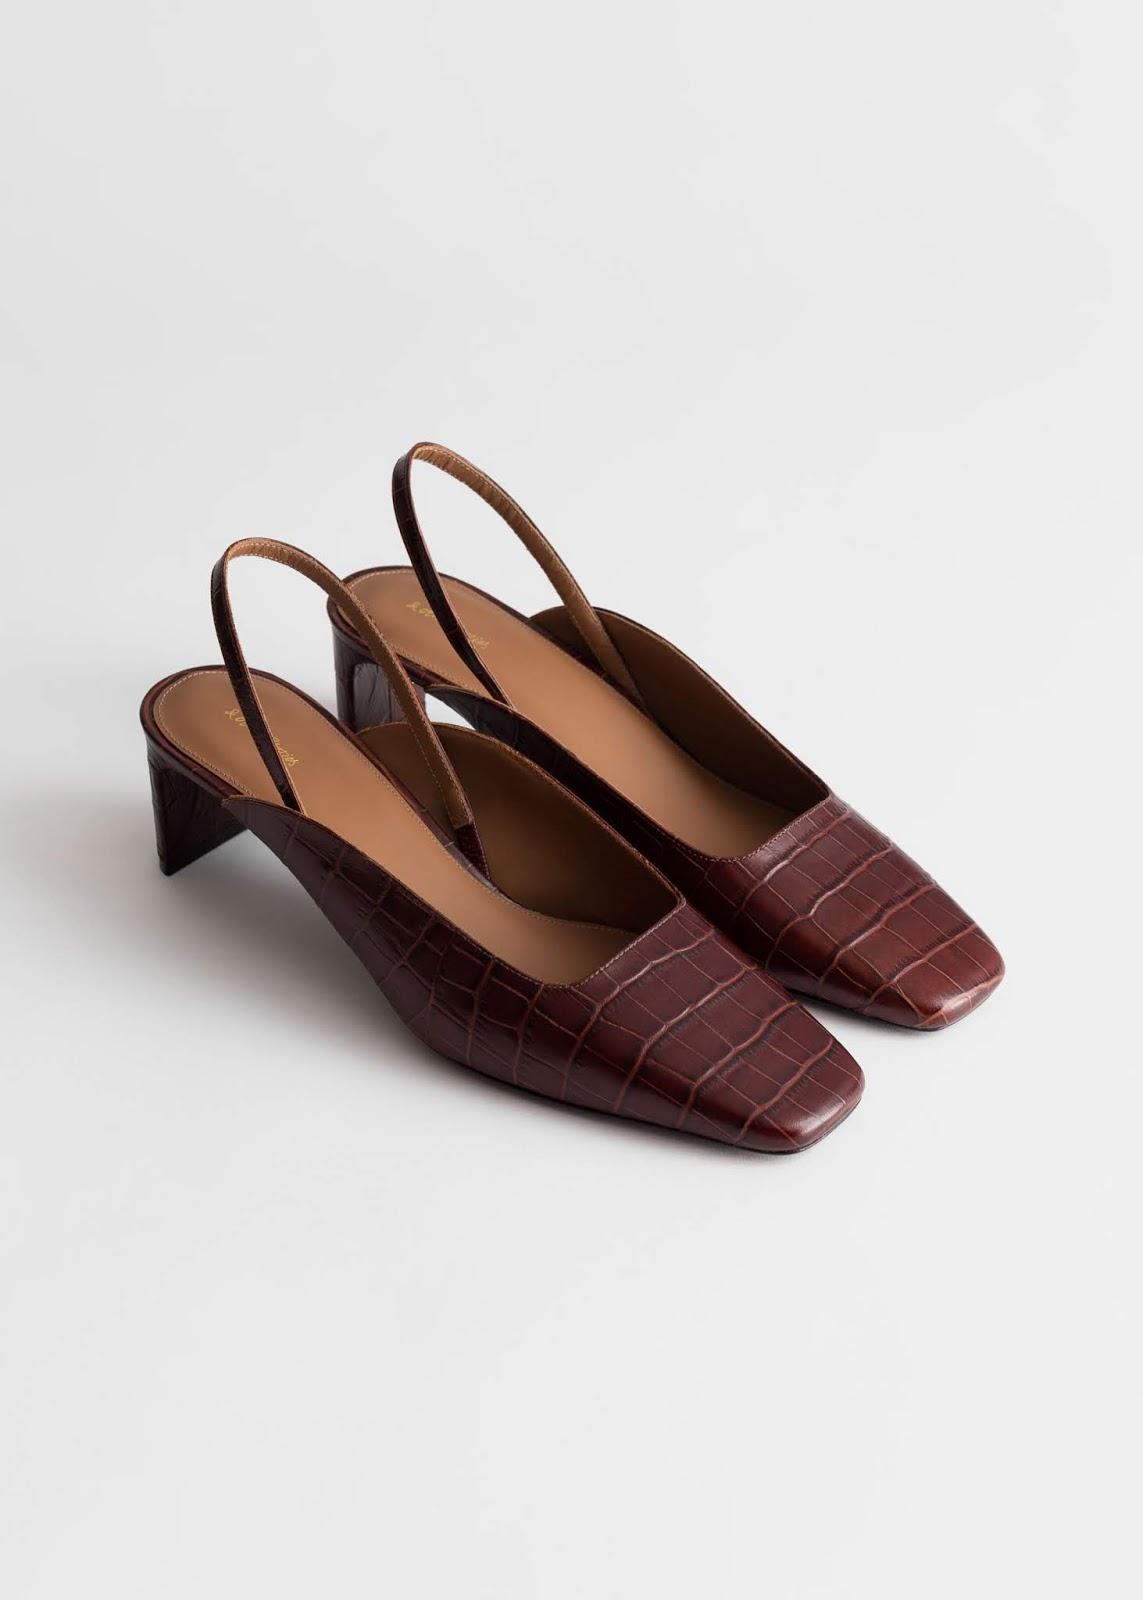 Brown Cool Square-Toe Croc-Embossed Mule Heels